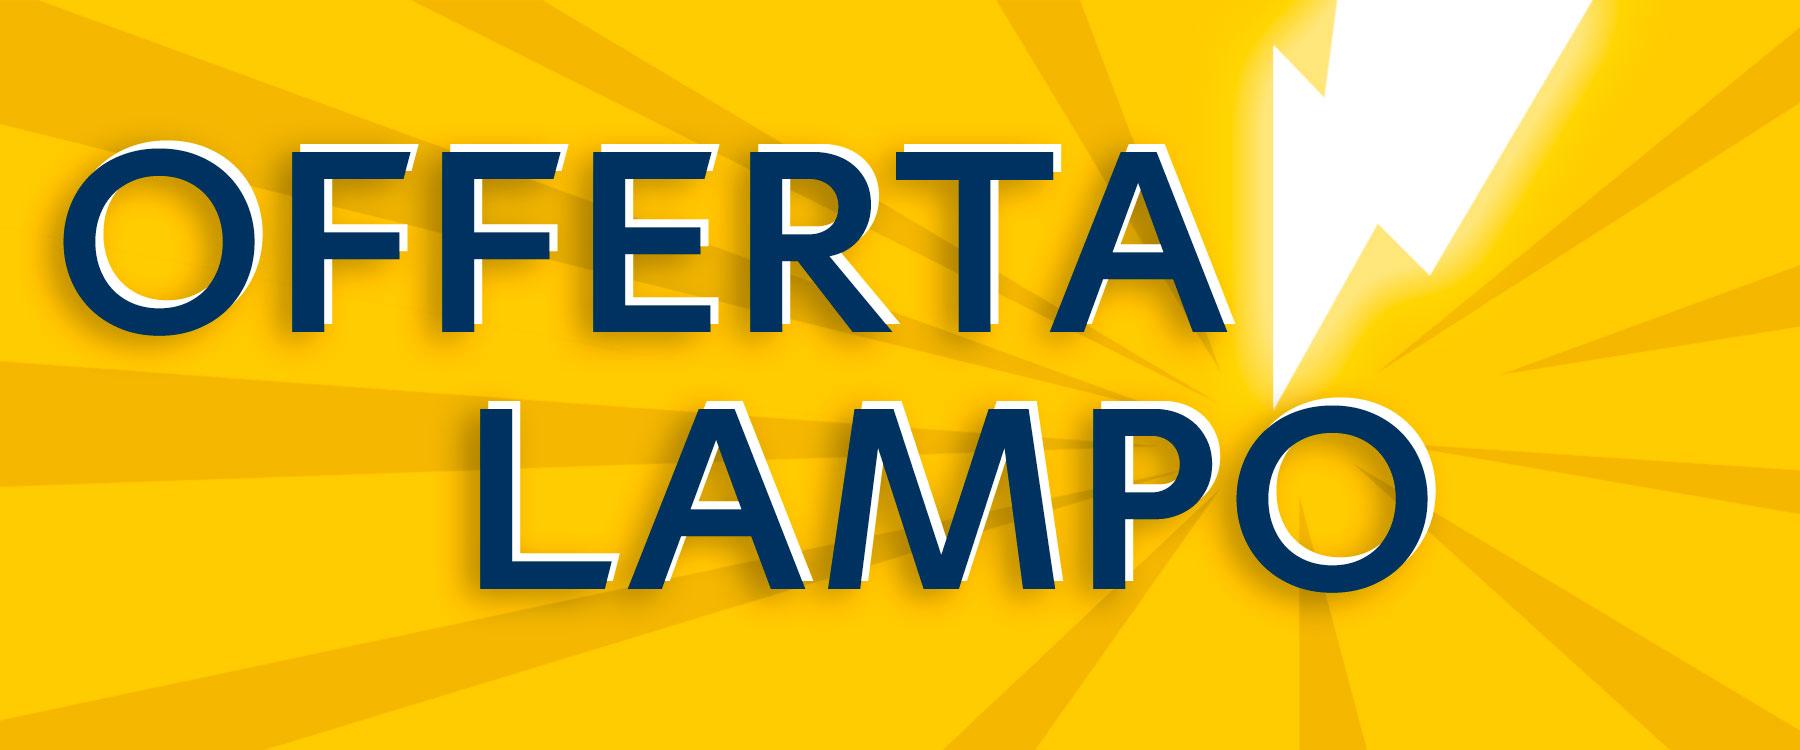 Offerta Lampo